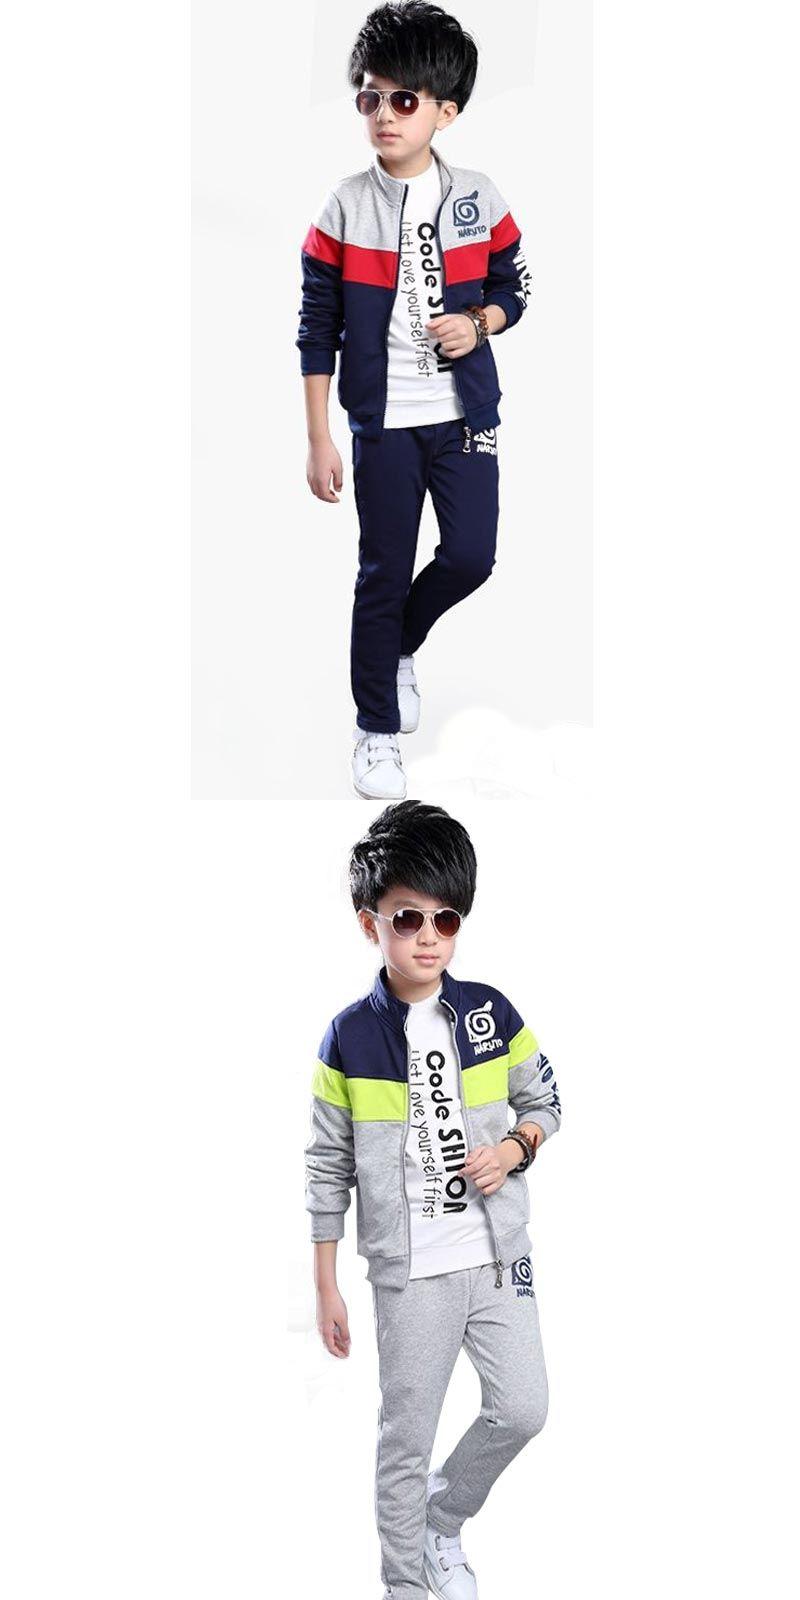 54d0ca71d4f Teenage Boy Clothes Sets Children Costume Boys Clothing Boutique Kids Suit  Zipper Tracksuit Coat+Pants 2 Color 5-12 Year Old